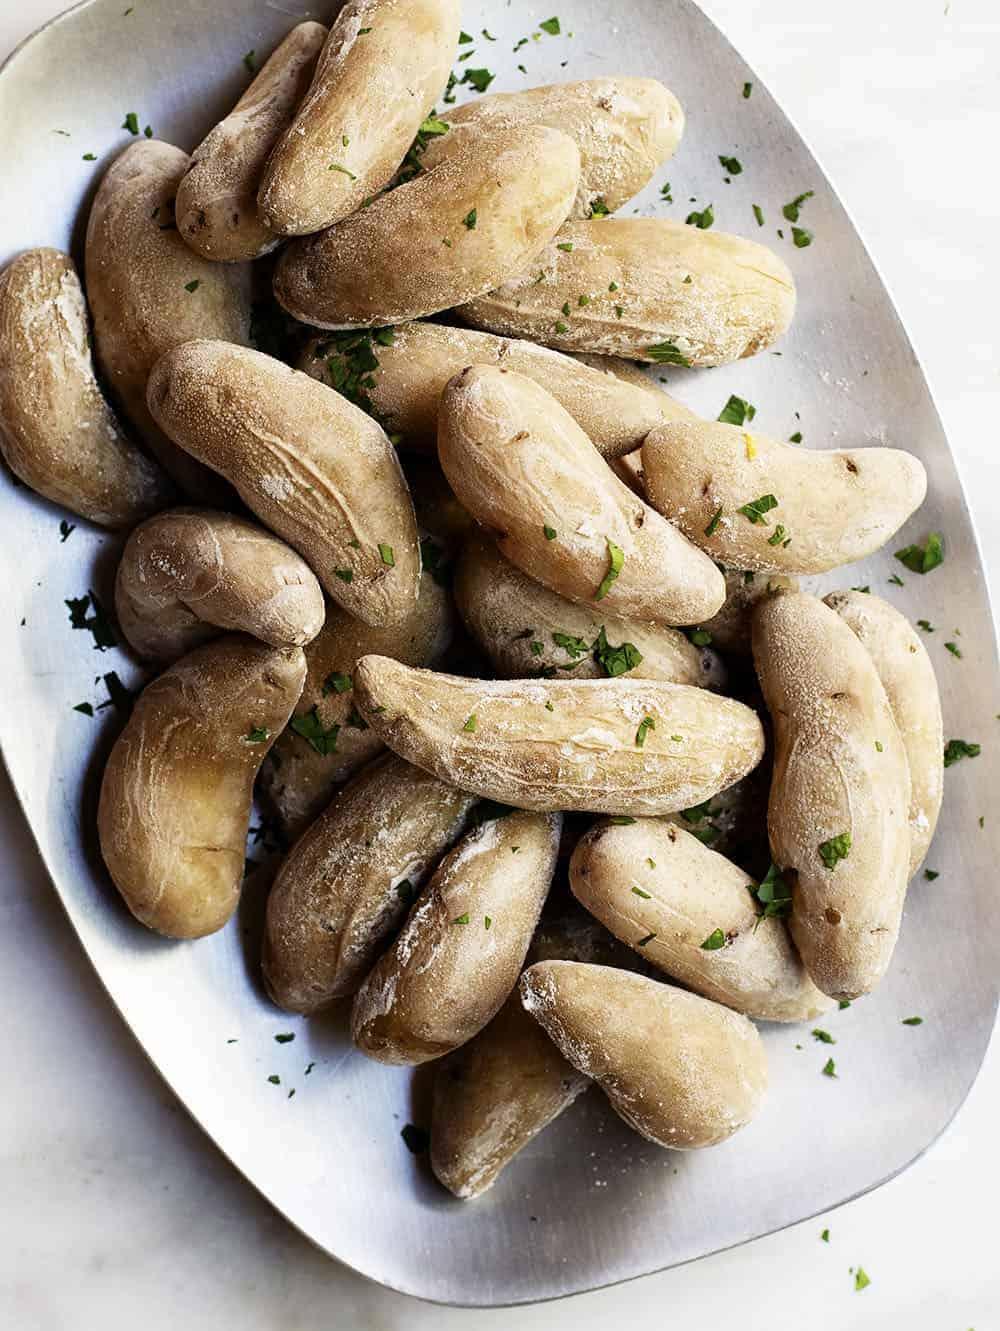 salt potatoes served on a brushed metal platter